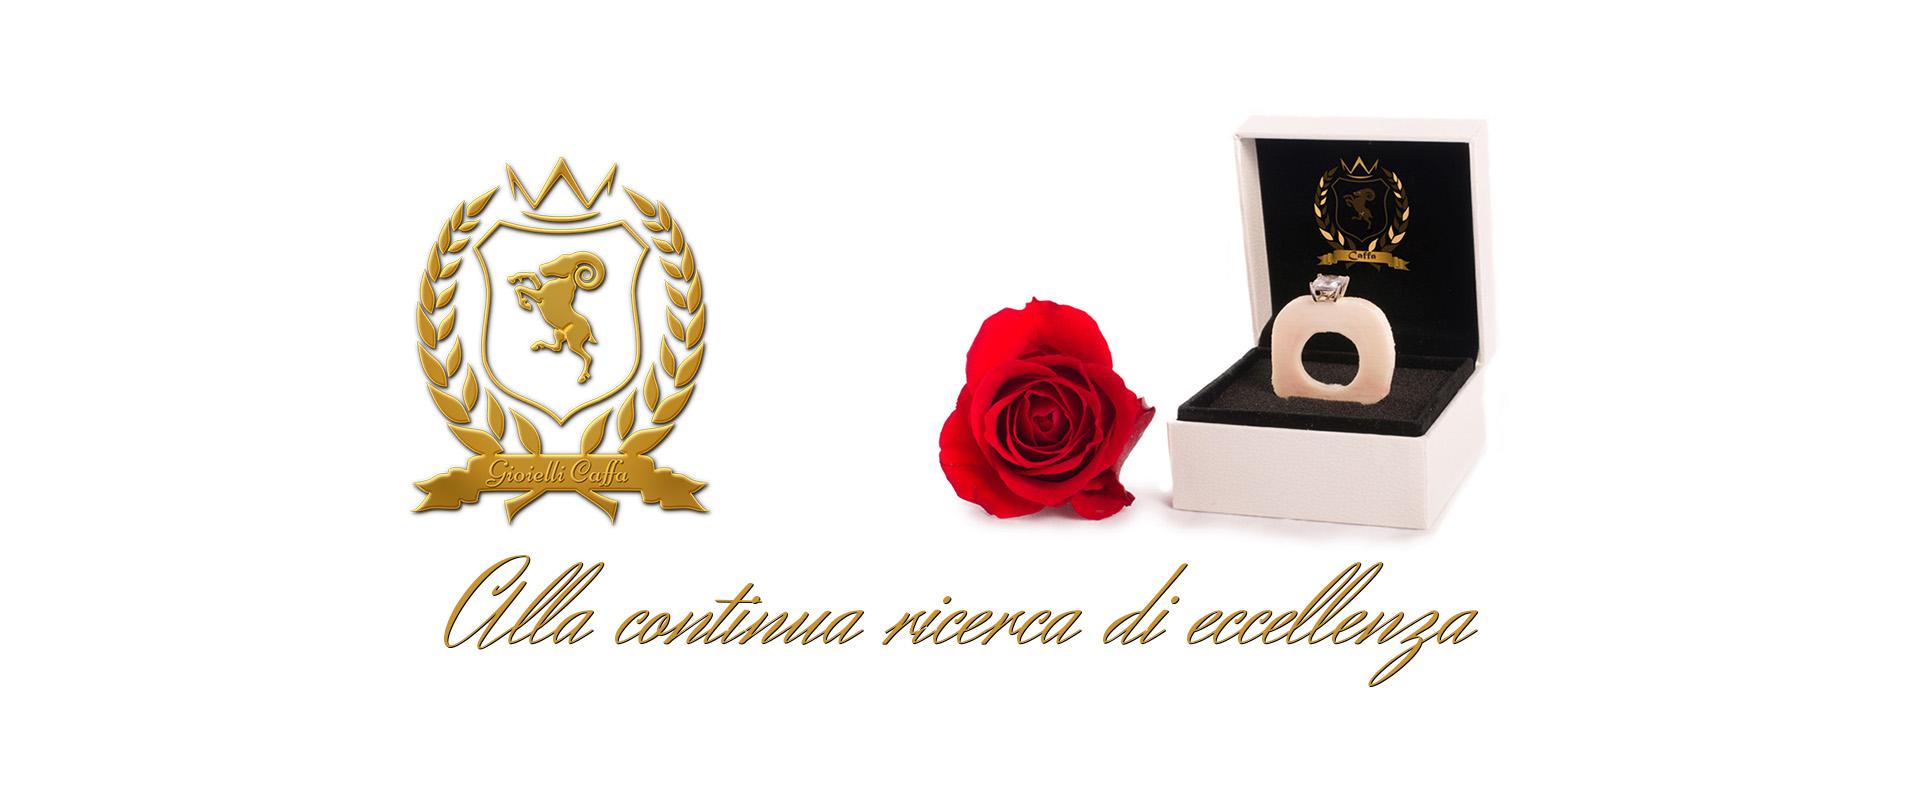 Macelleria CAFFA ad Asti - Alla continua ricerca d'eccellenza